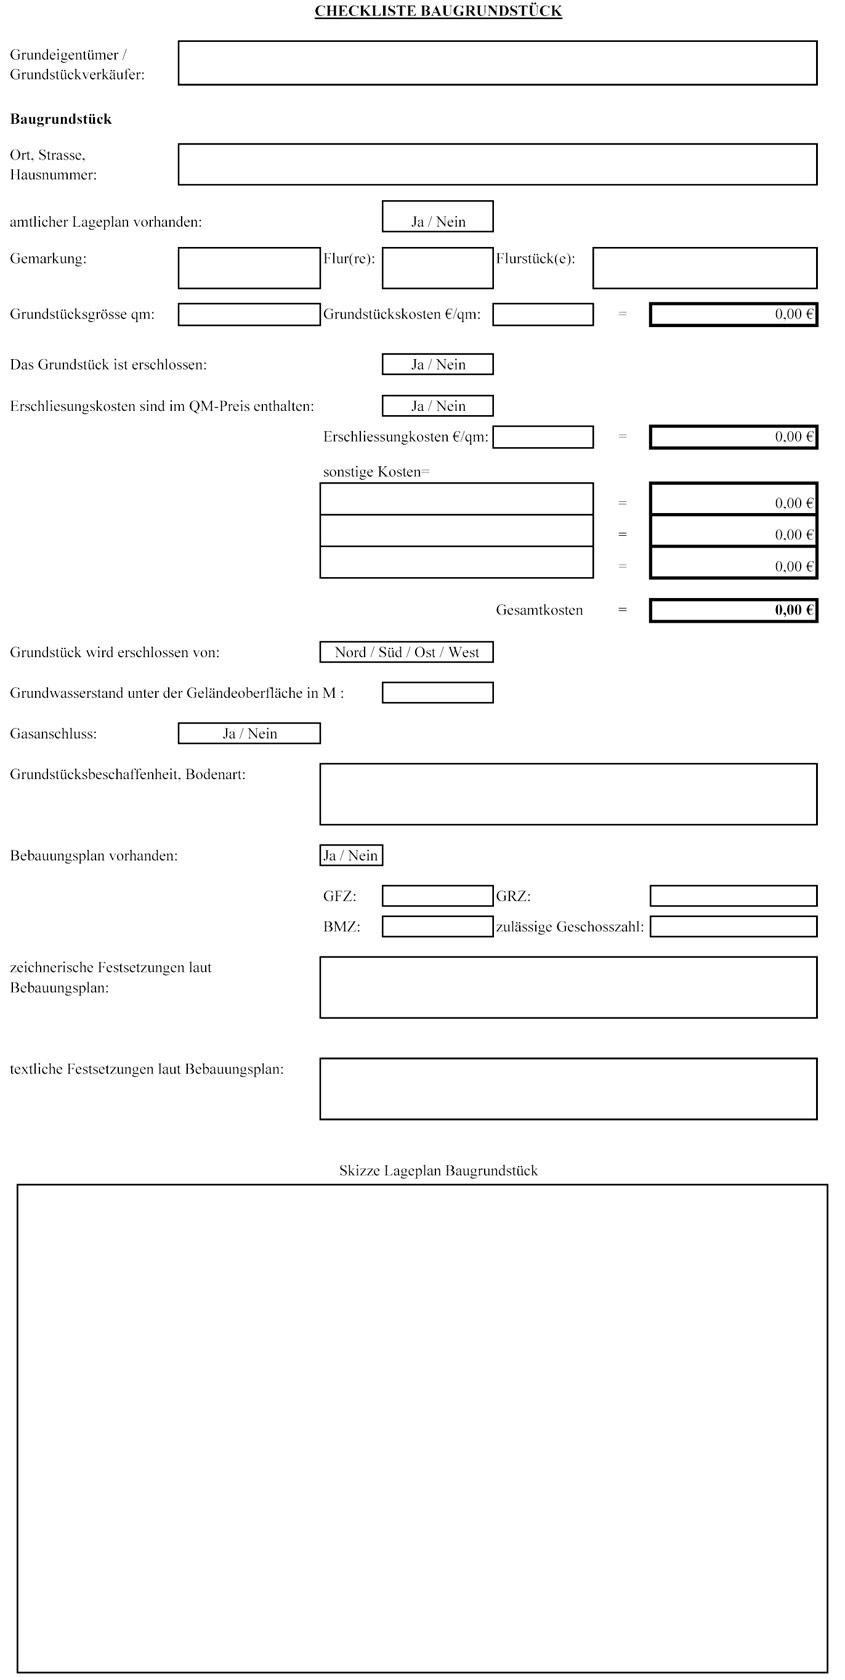 tl_files/sahle/Checkliste-G/Checkliste-1.jpg